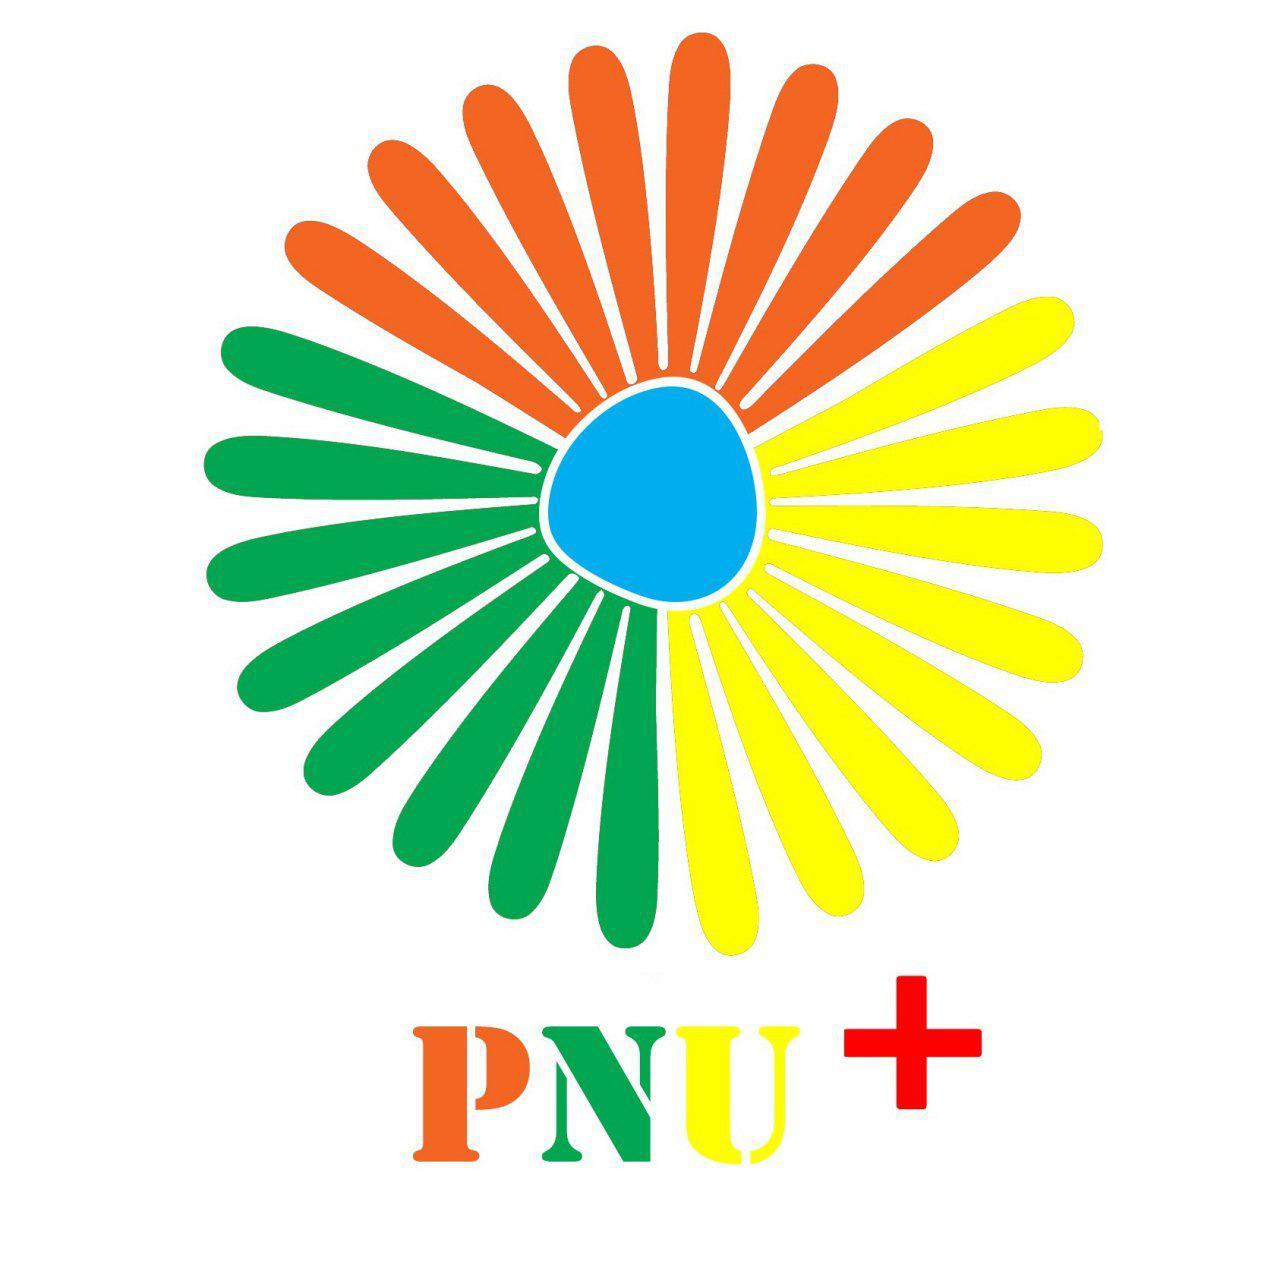 PNU pluse